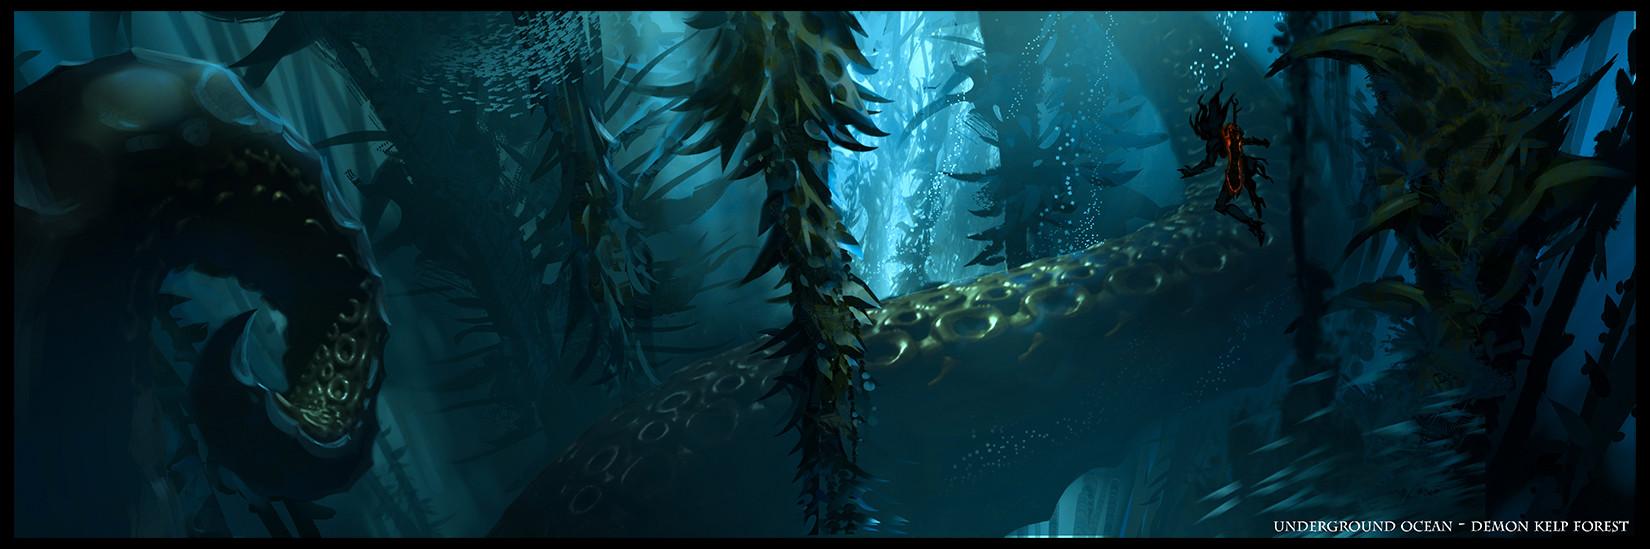 Daryl mandryk kelp forest